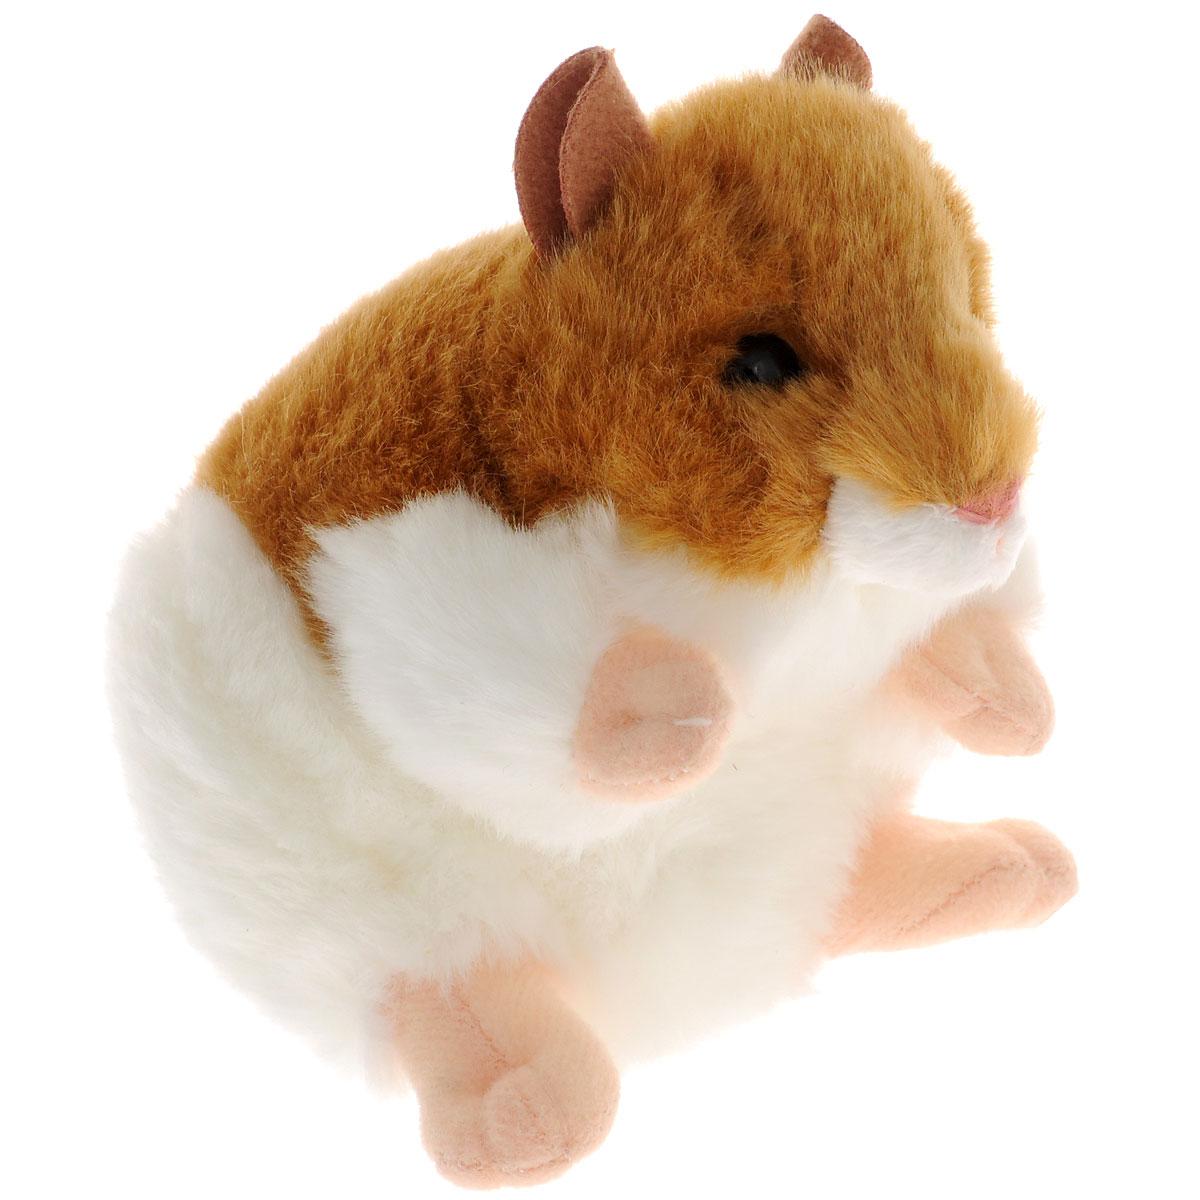 Gulliver Мягкая игрушка Хомяк, 13 см50-89653Интересная игрушка Gulliver Хомяк, выполнена в виде забавного хомяка. Игрушка изготовлена из нетоксичных экологически чистых материалов. Глазки и носик выполнены из пластика. Зверек обладает мягкой светлой шерсткой, выполненной из искусственного меха. Для набивки используется полиэфирное волокно. Удивительно мягкая игрушка принесет радость и подарит своему обладателю мгновения нежных объятий и приятных воспоминаний. Великолепное качество исполнения делают эту игрушку чудесным подарком к любому празднику. Трогательная и симпатичная, она непременно вызовет улыбку у детей и взрослых.